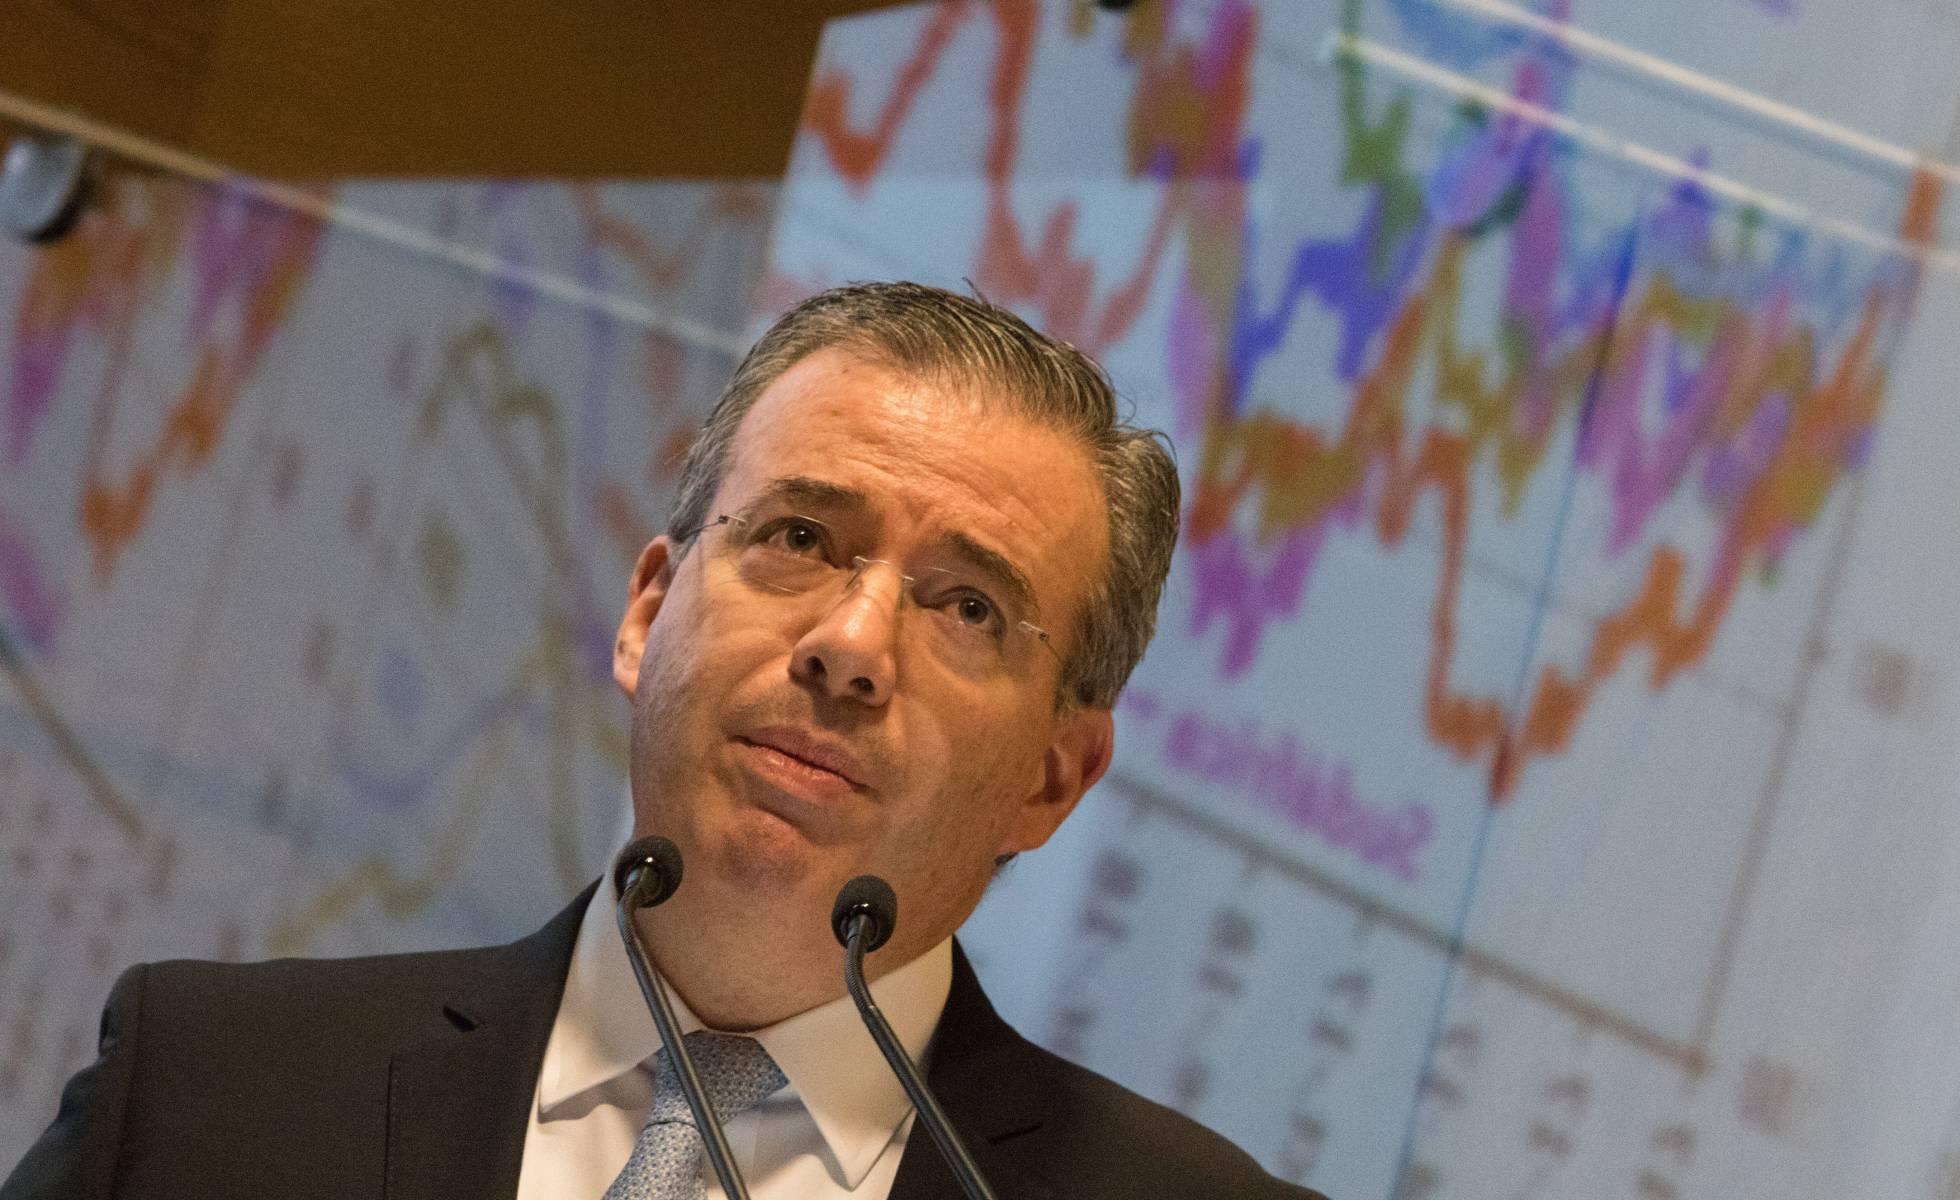 La desaceleración económica lleva al Banco de México a reducir la tasa de interés por primera vez en cinco años